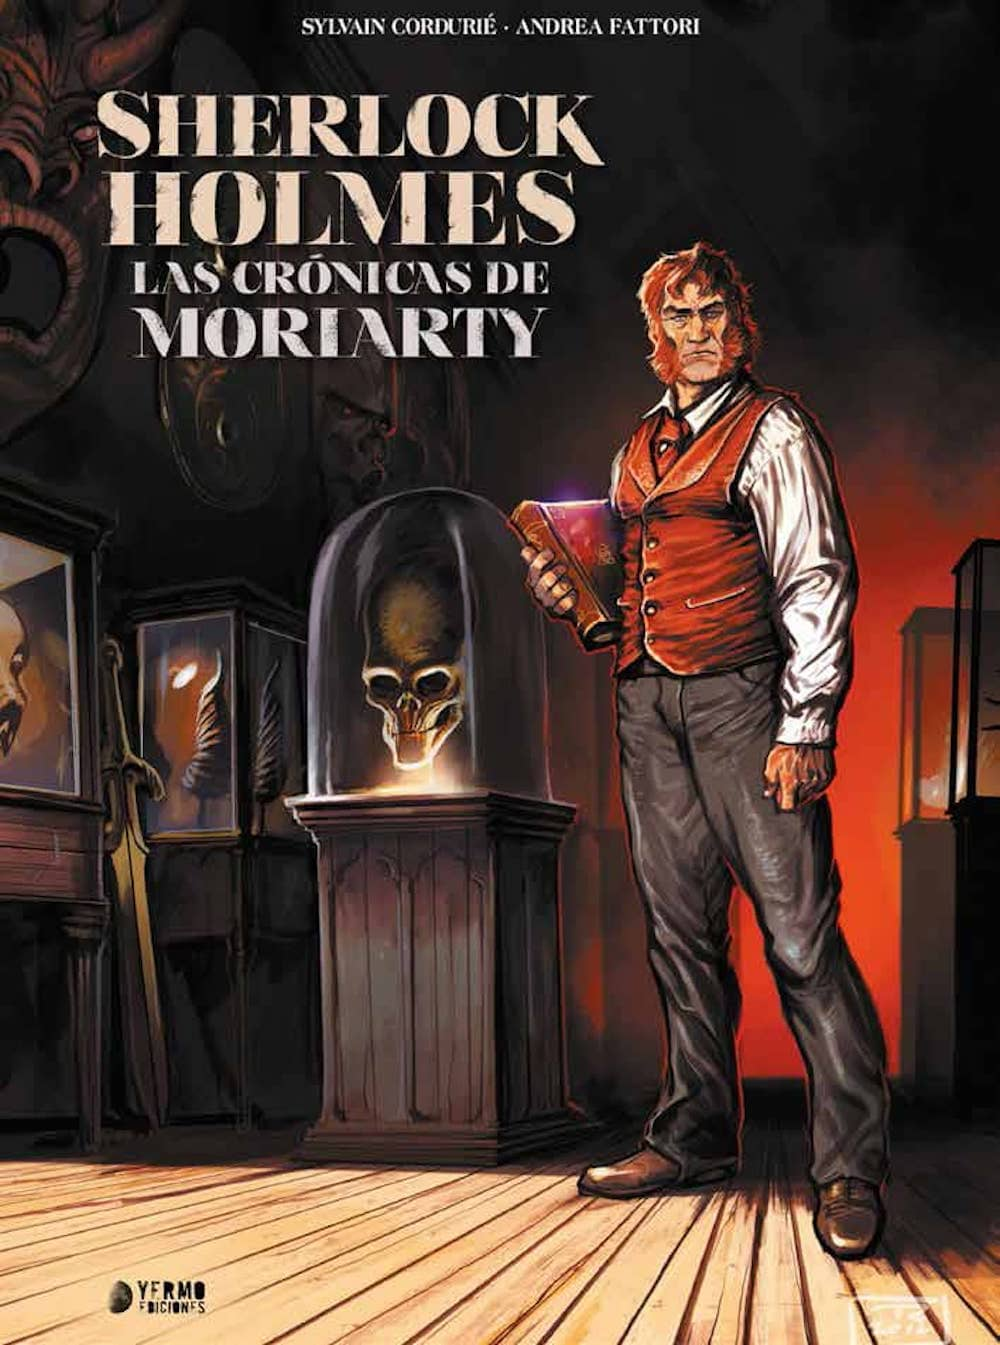 SHERLOCK HOLMES. LAS CRONICAS DE MORIARTY